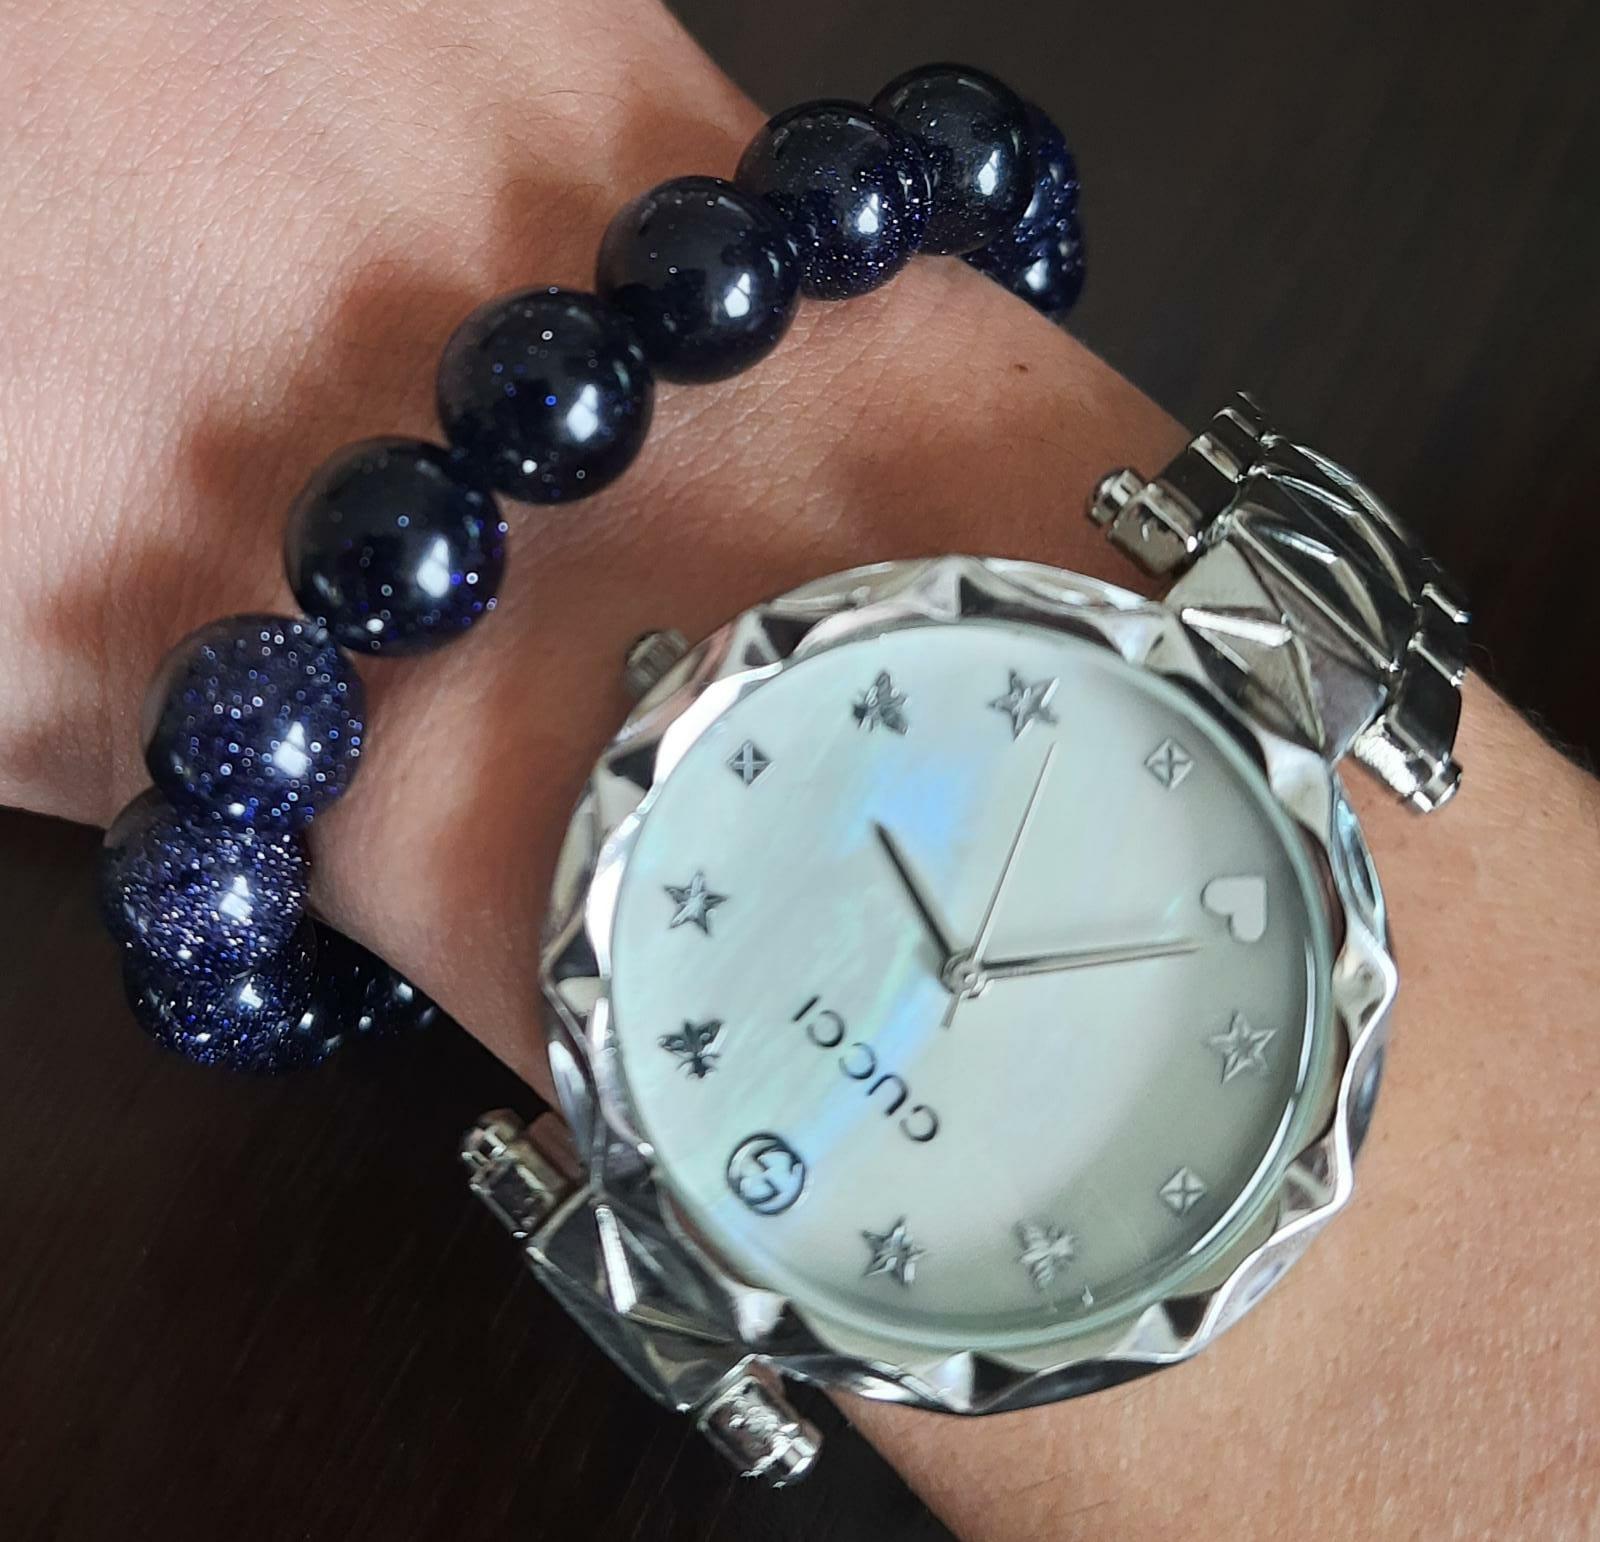 Star Natural Stone Dark Blue Bracelet For Men Trend Bracelets Beaded Bracelets For Men Gift for Dad Gift for Darling